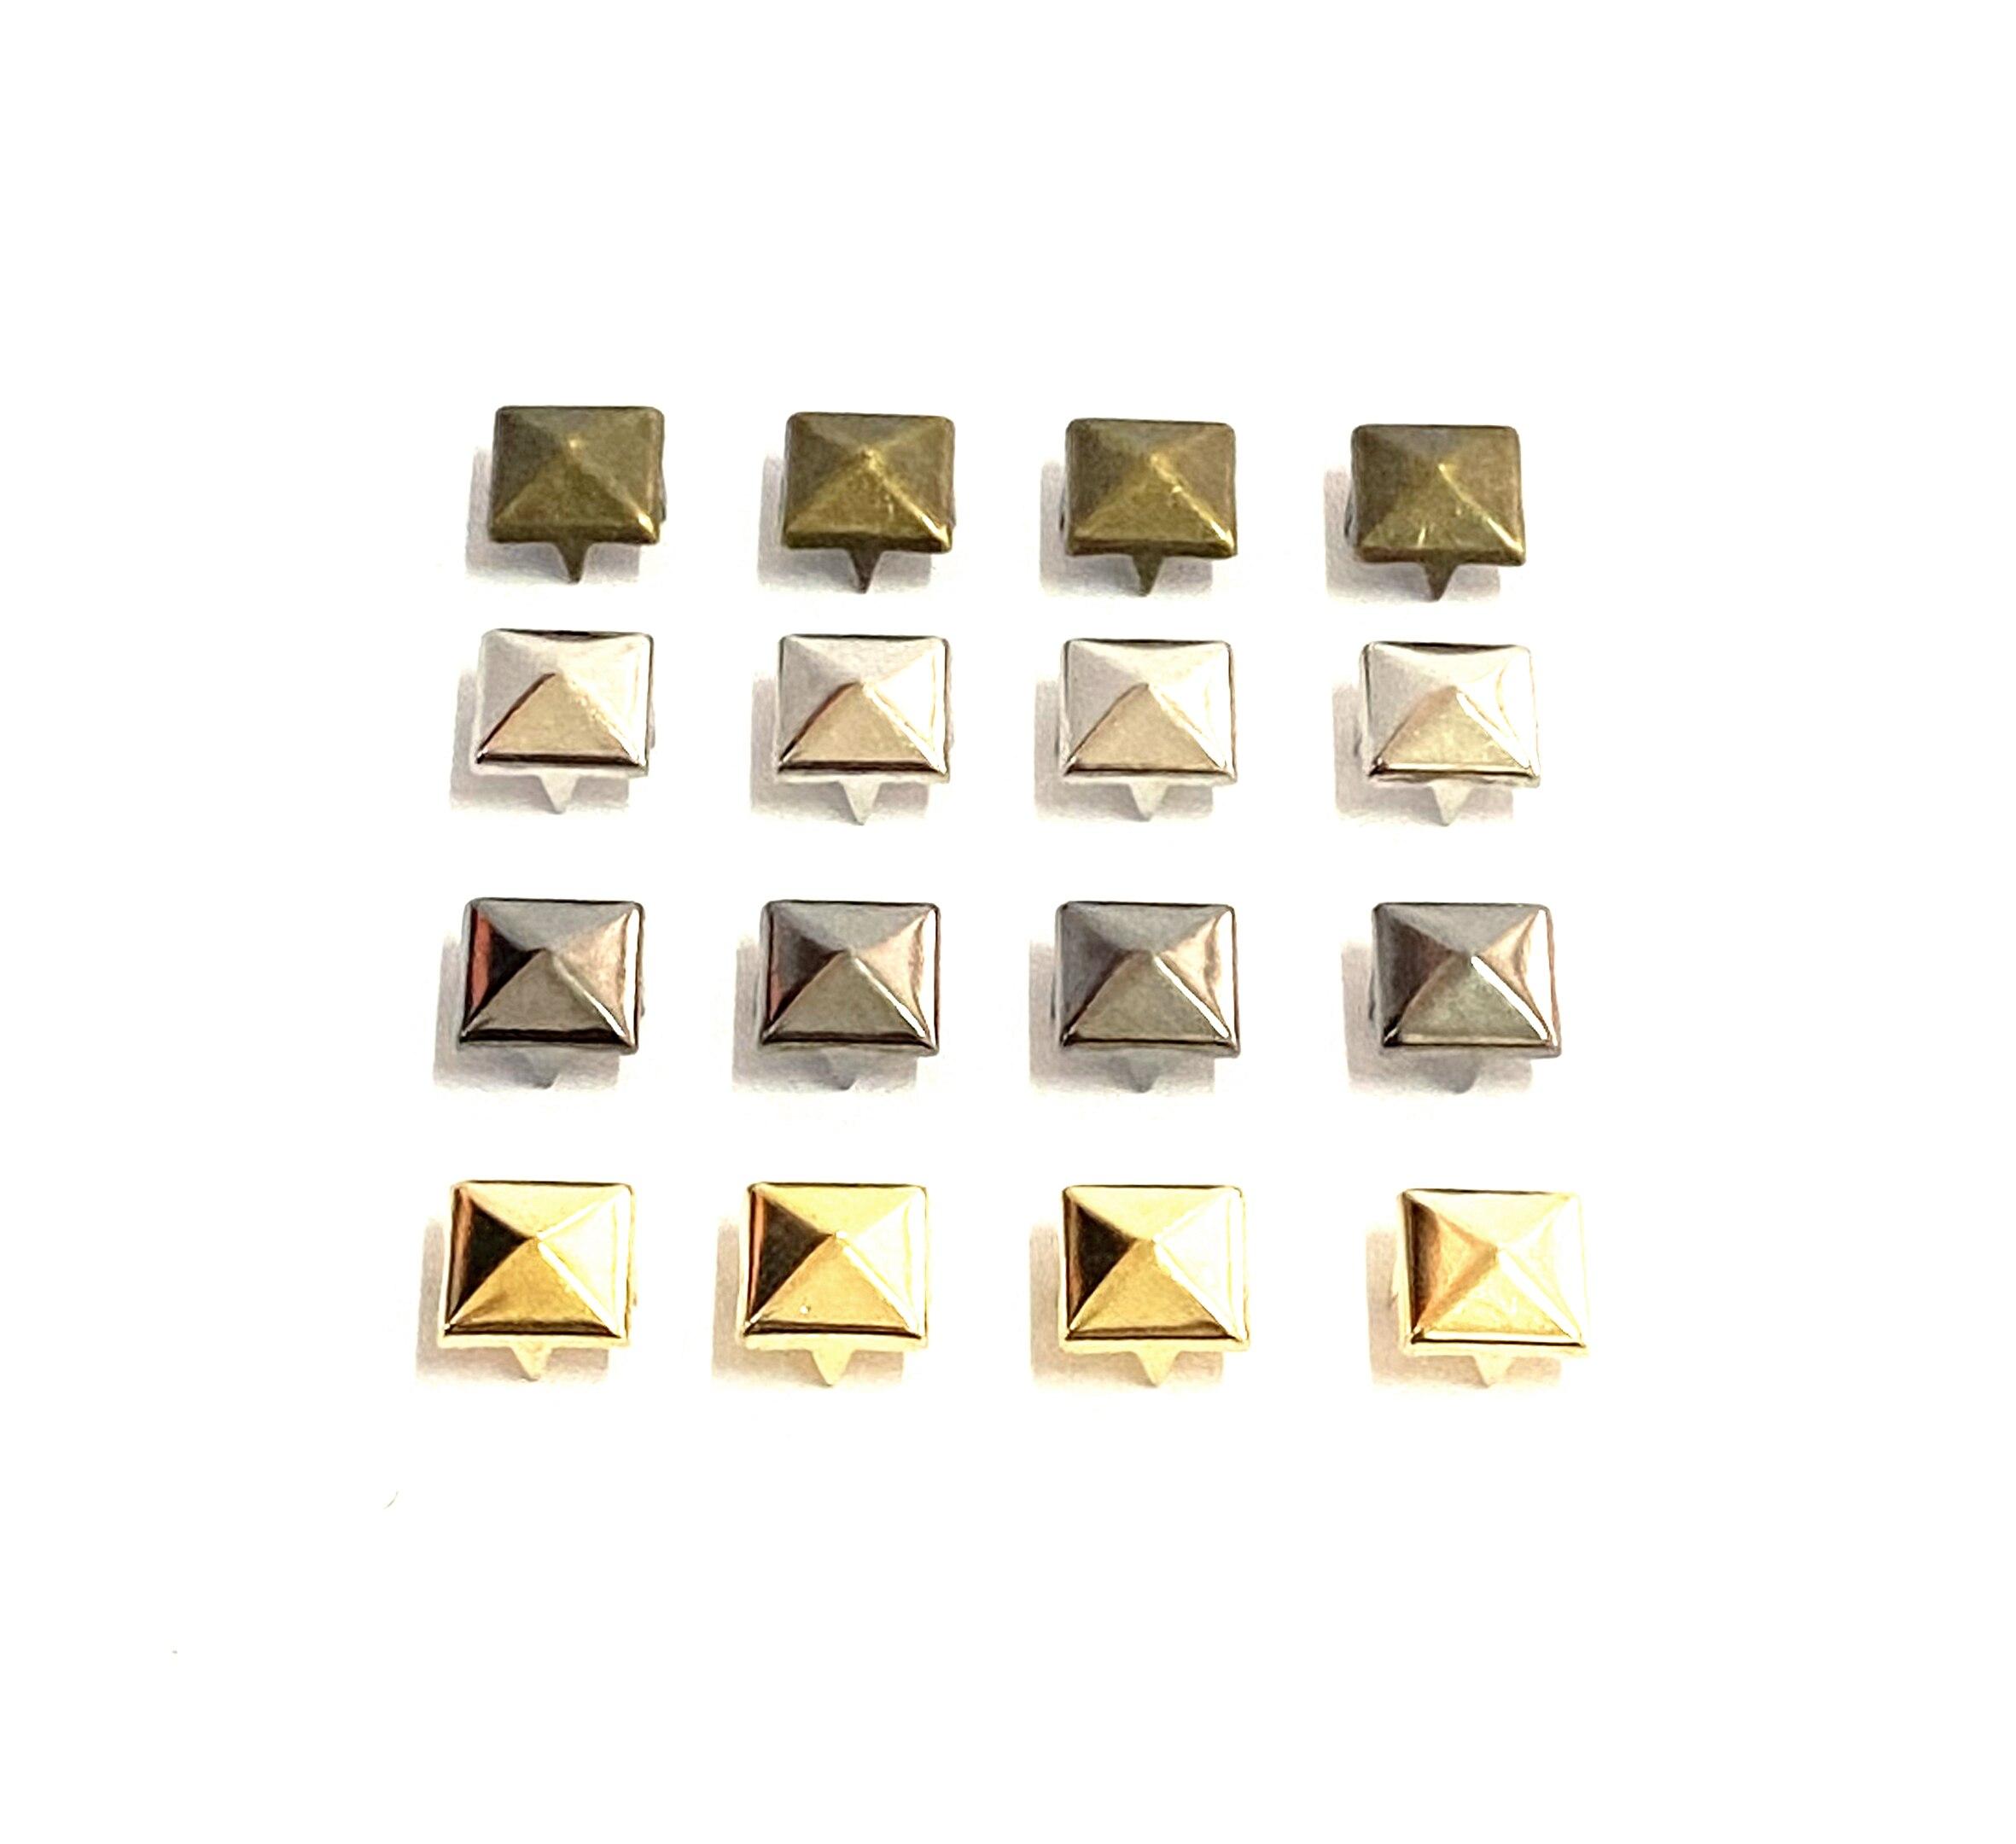 100 pezzi di 6-12mm rivetto a 4 artigli piramide quadrata/chiodo in metallo rivetto affusolato vestiti/scarpe/borse/chiodi in pelle su punk fai da te